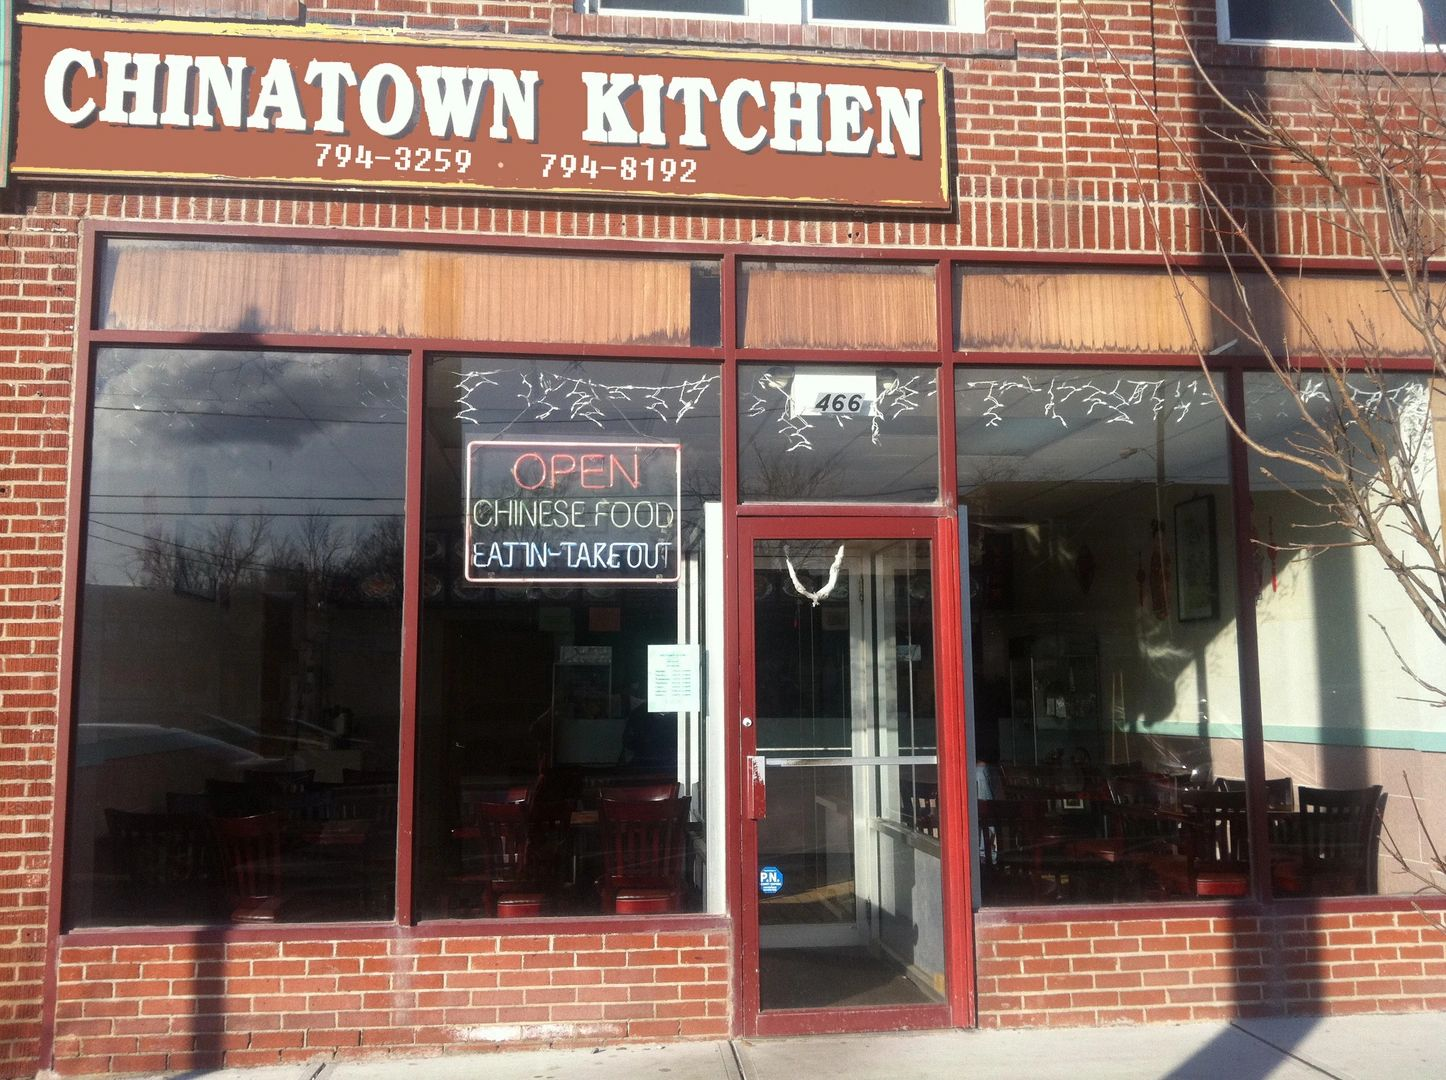 Chinatown Kitchen Monticello New York Menu